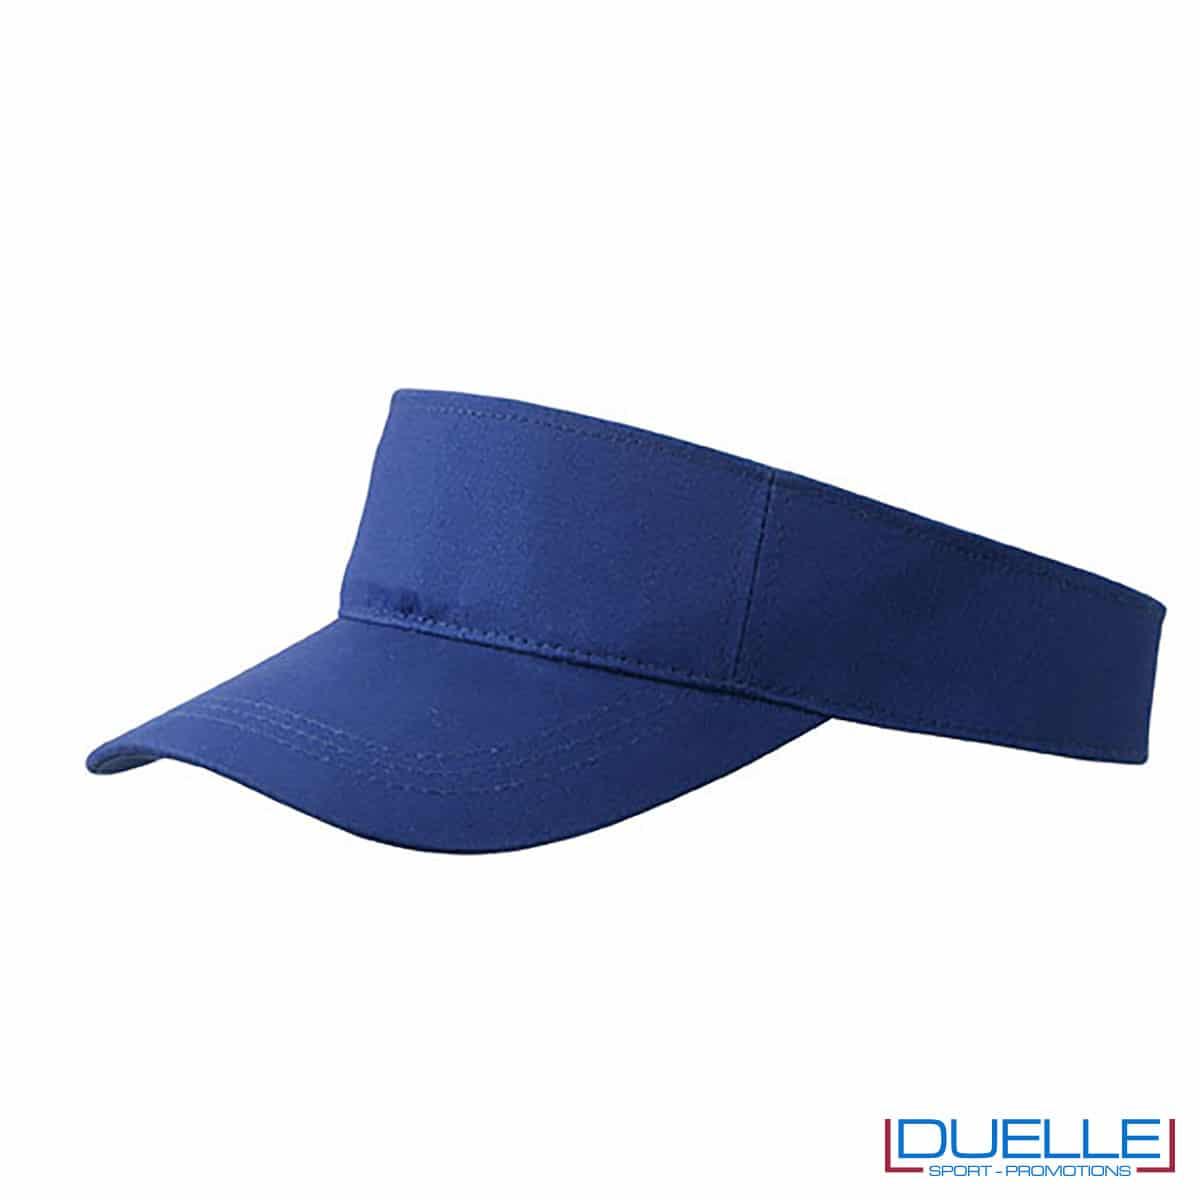 visiera azzurra sportiva per sudore